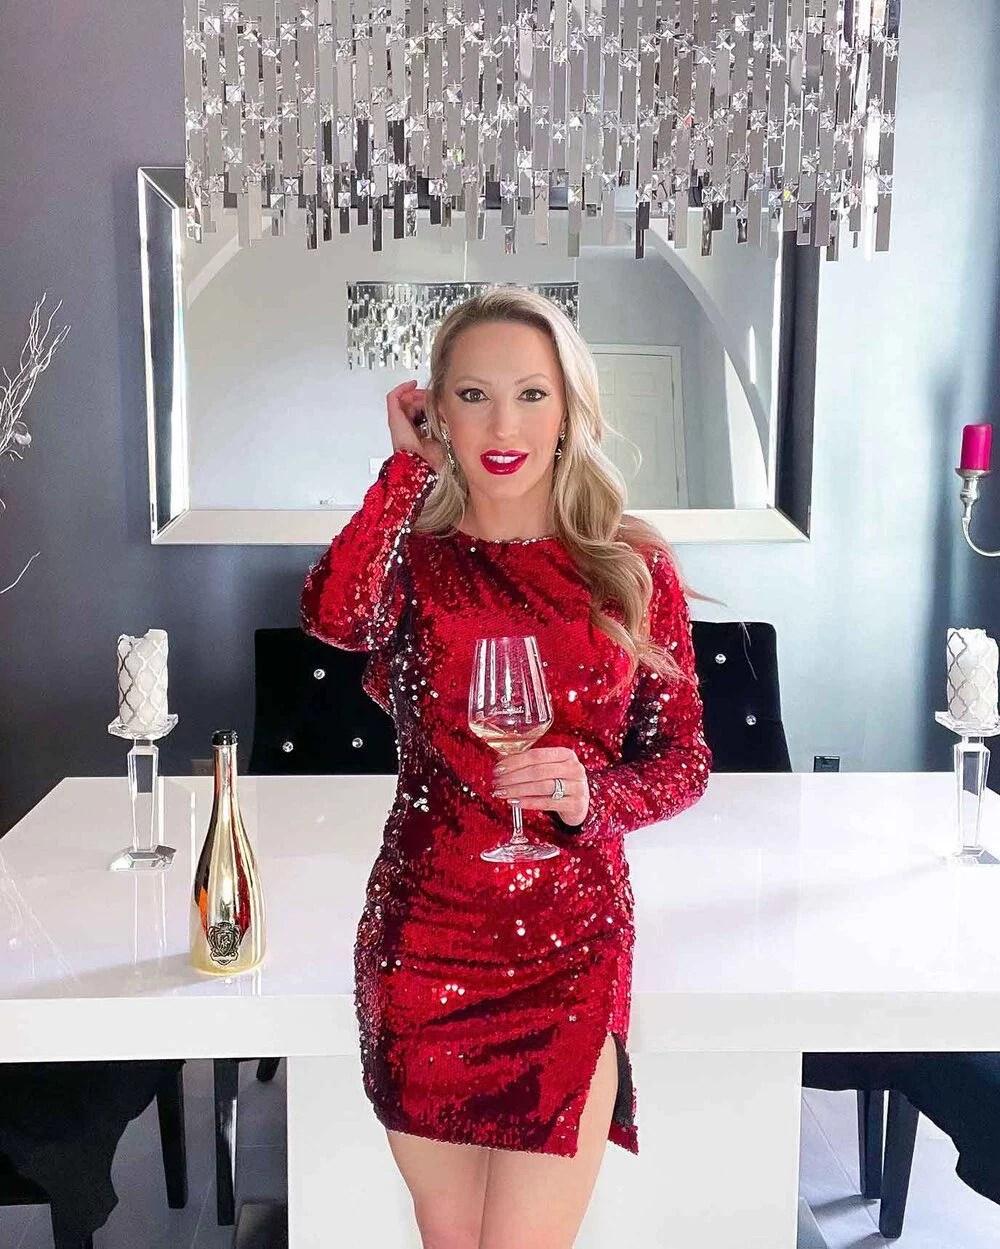 Wine By Lamborghini Oro Vino luxury lifestyle blogger Eve Dawes